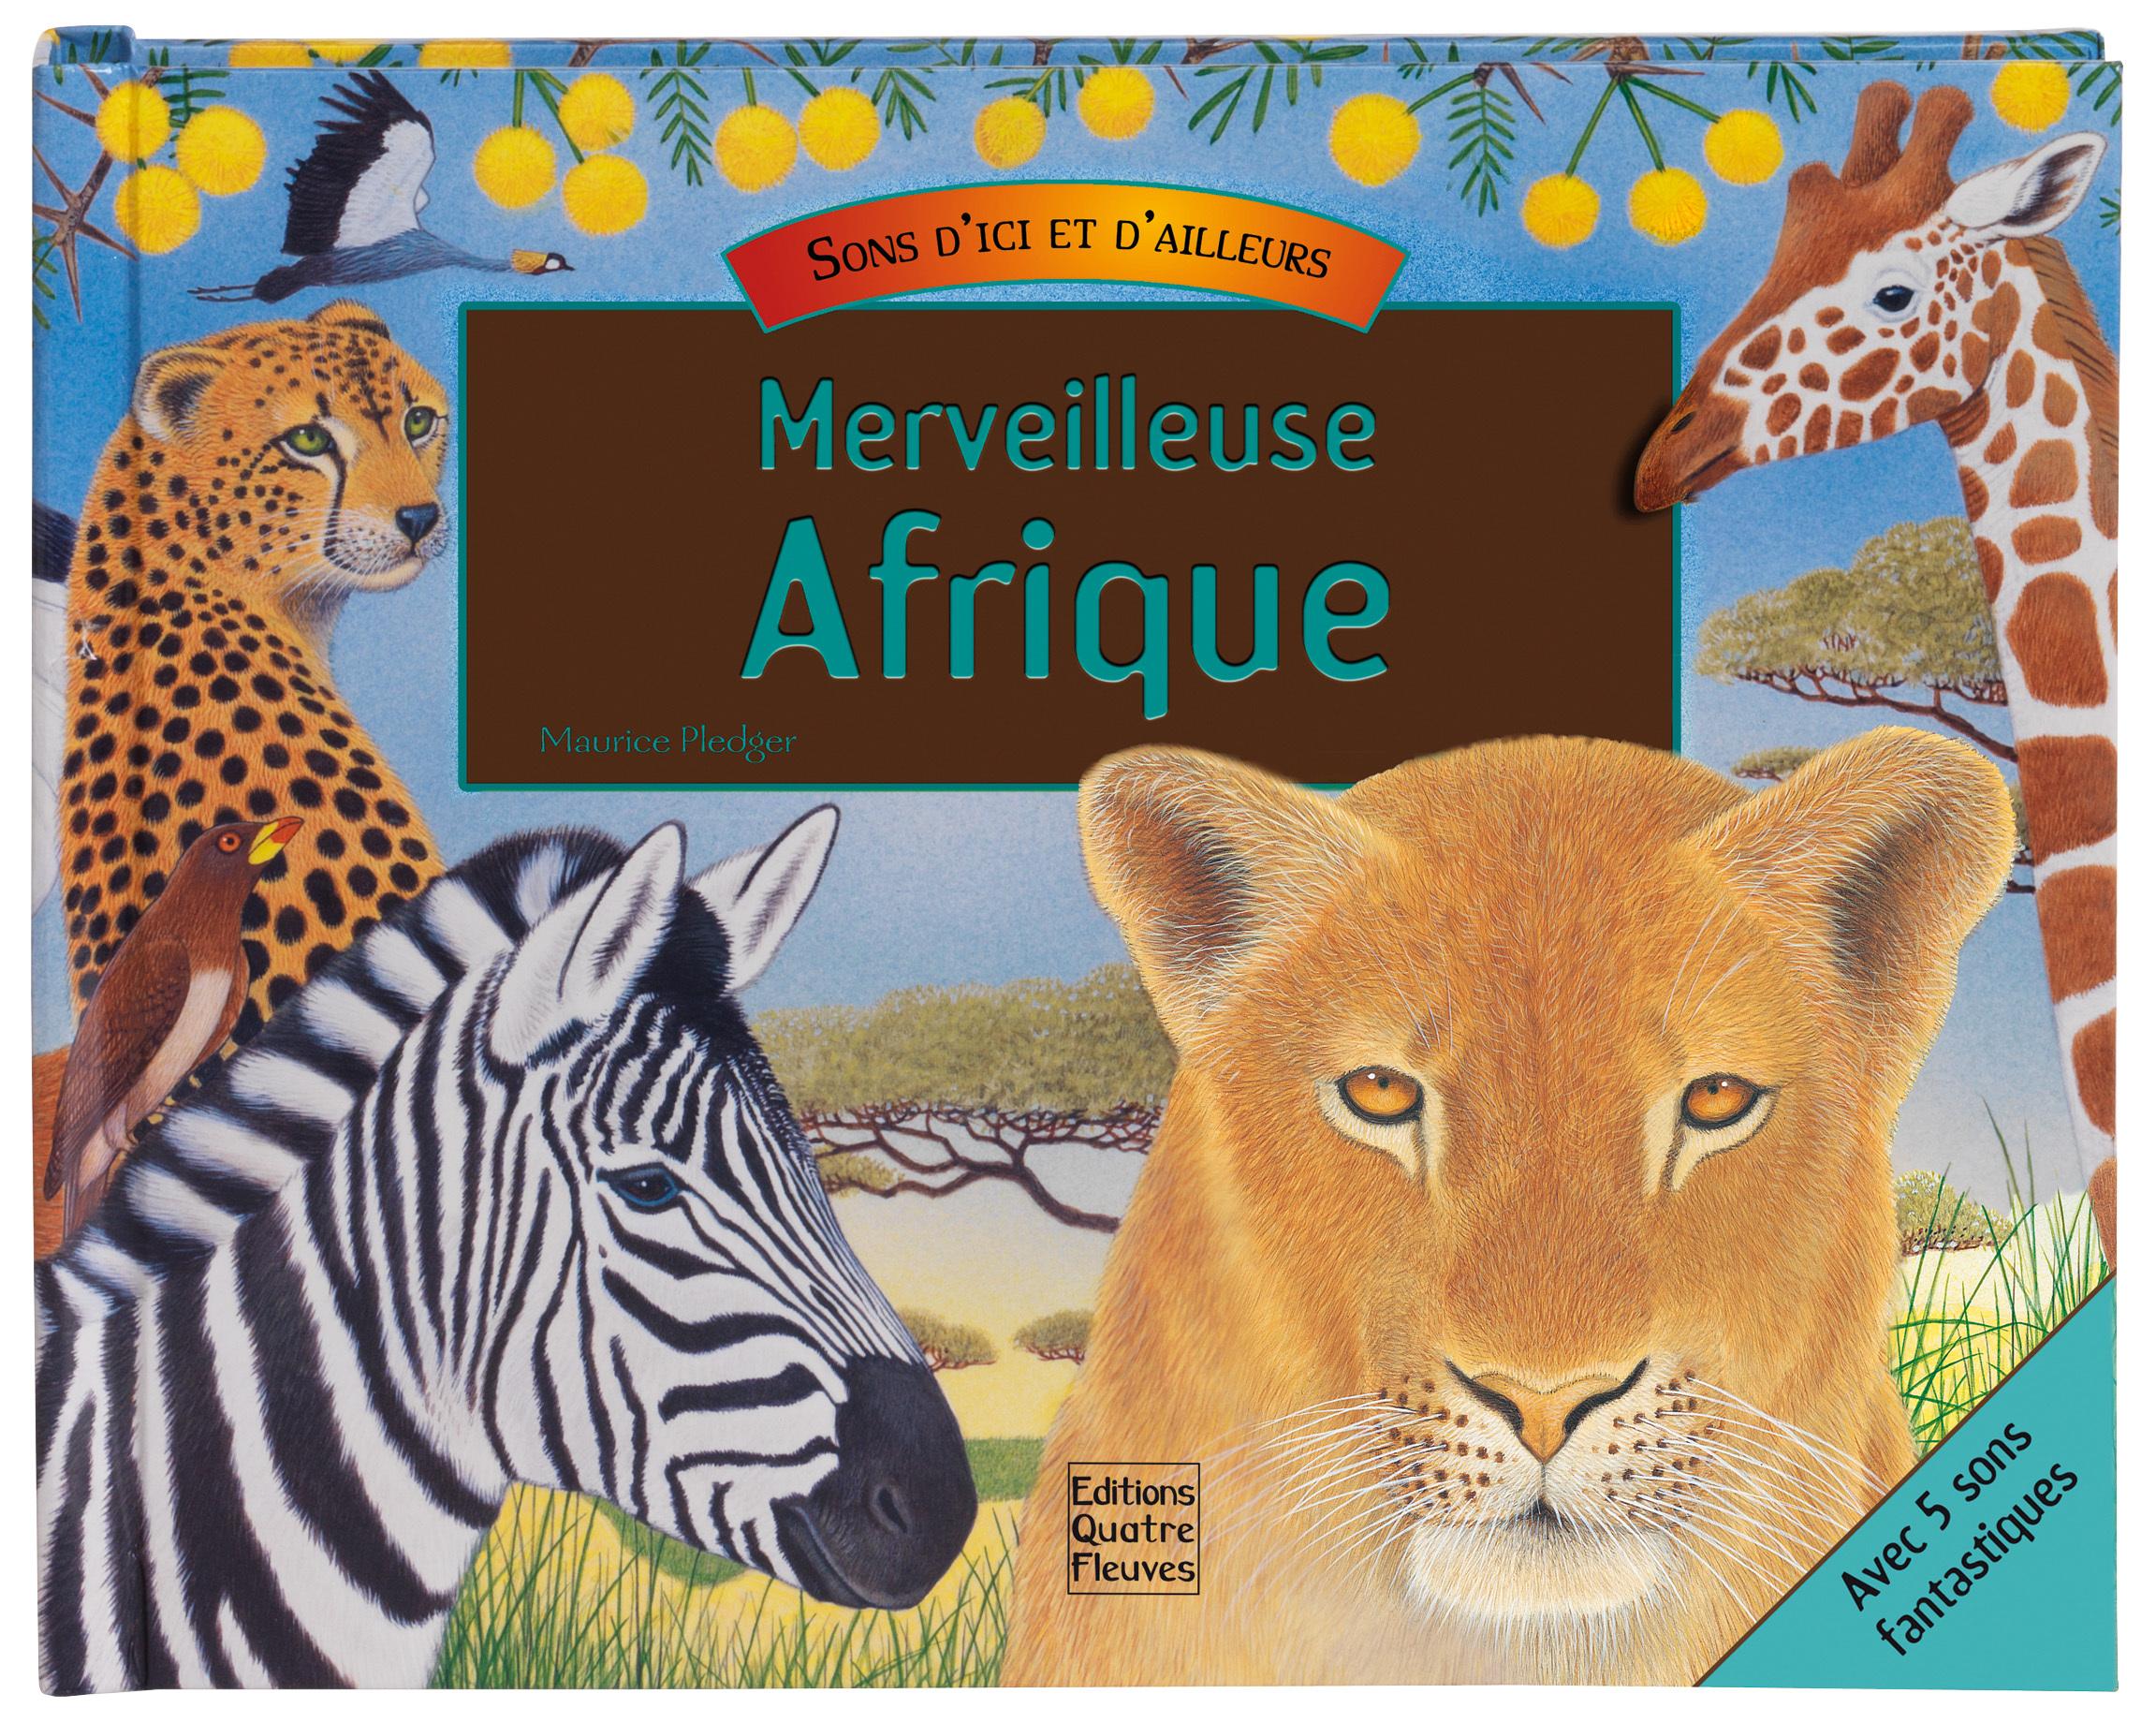 MERVEILLEUSE AFRIQUE